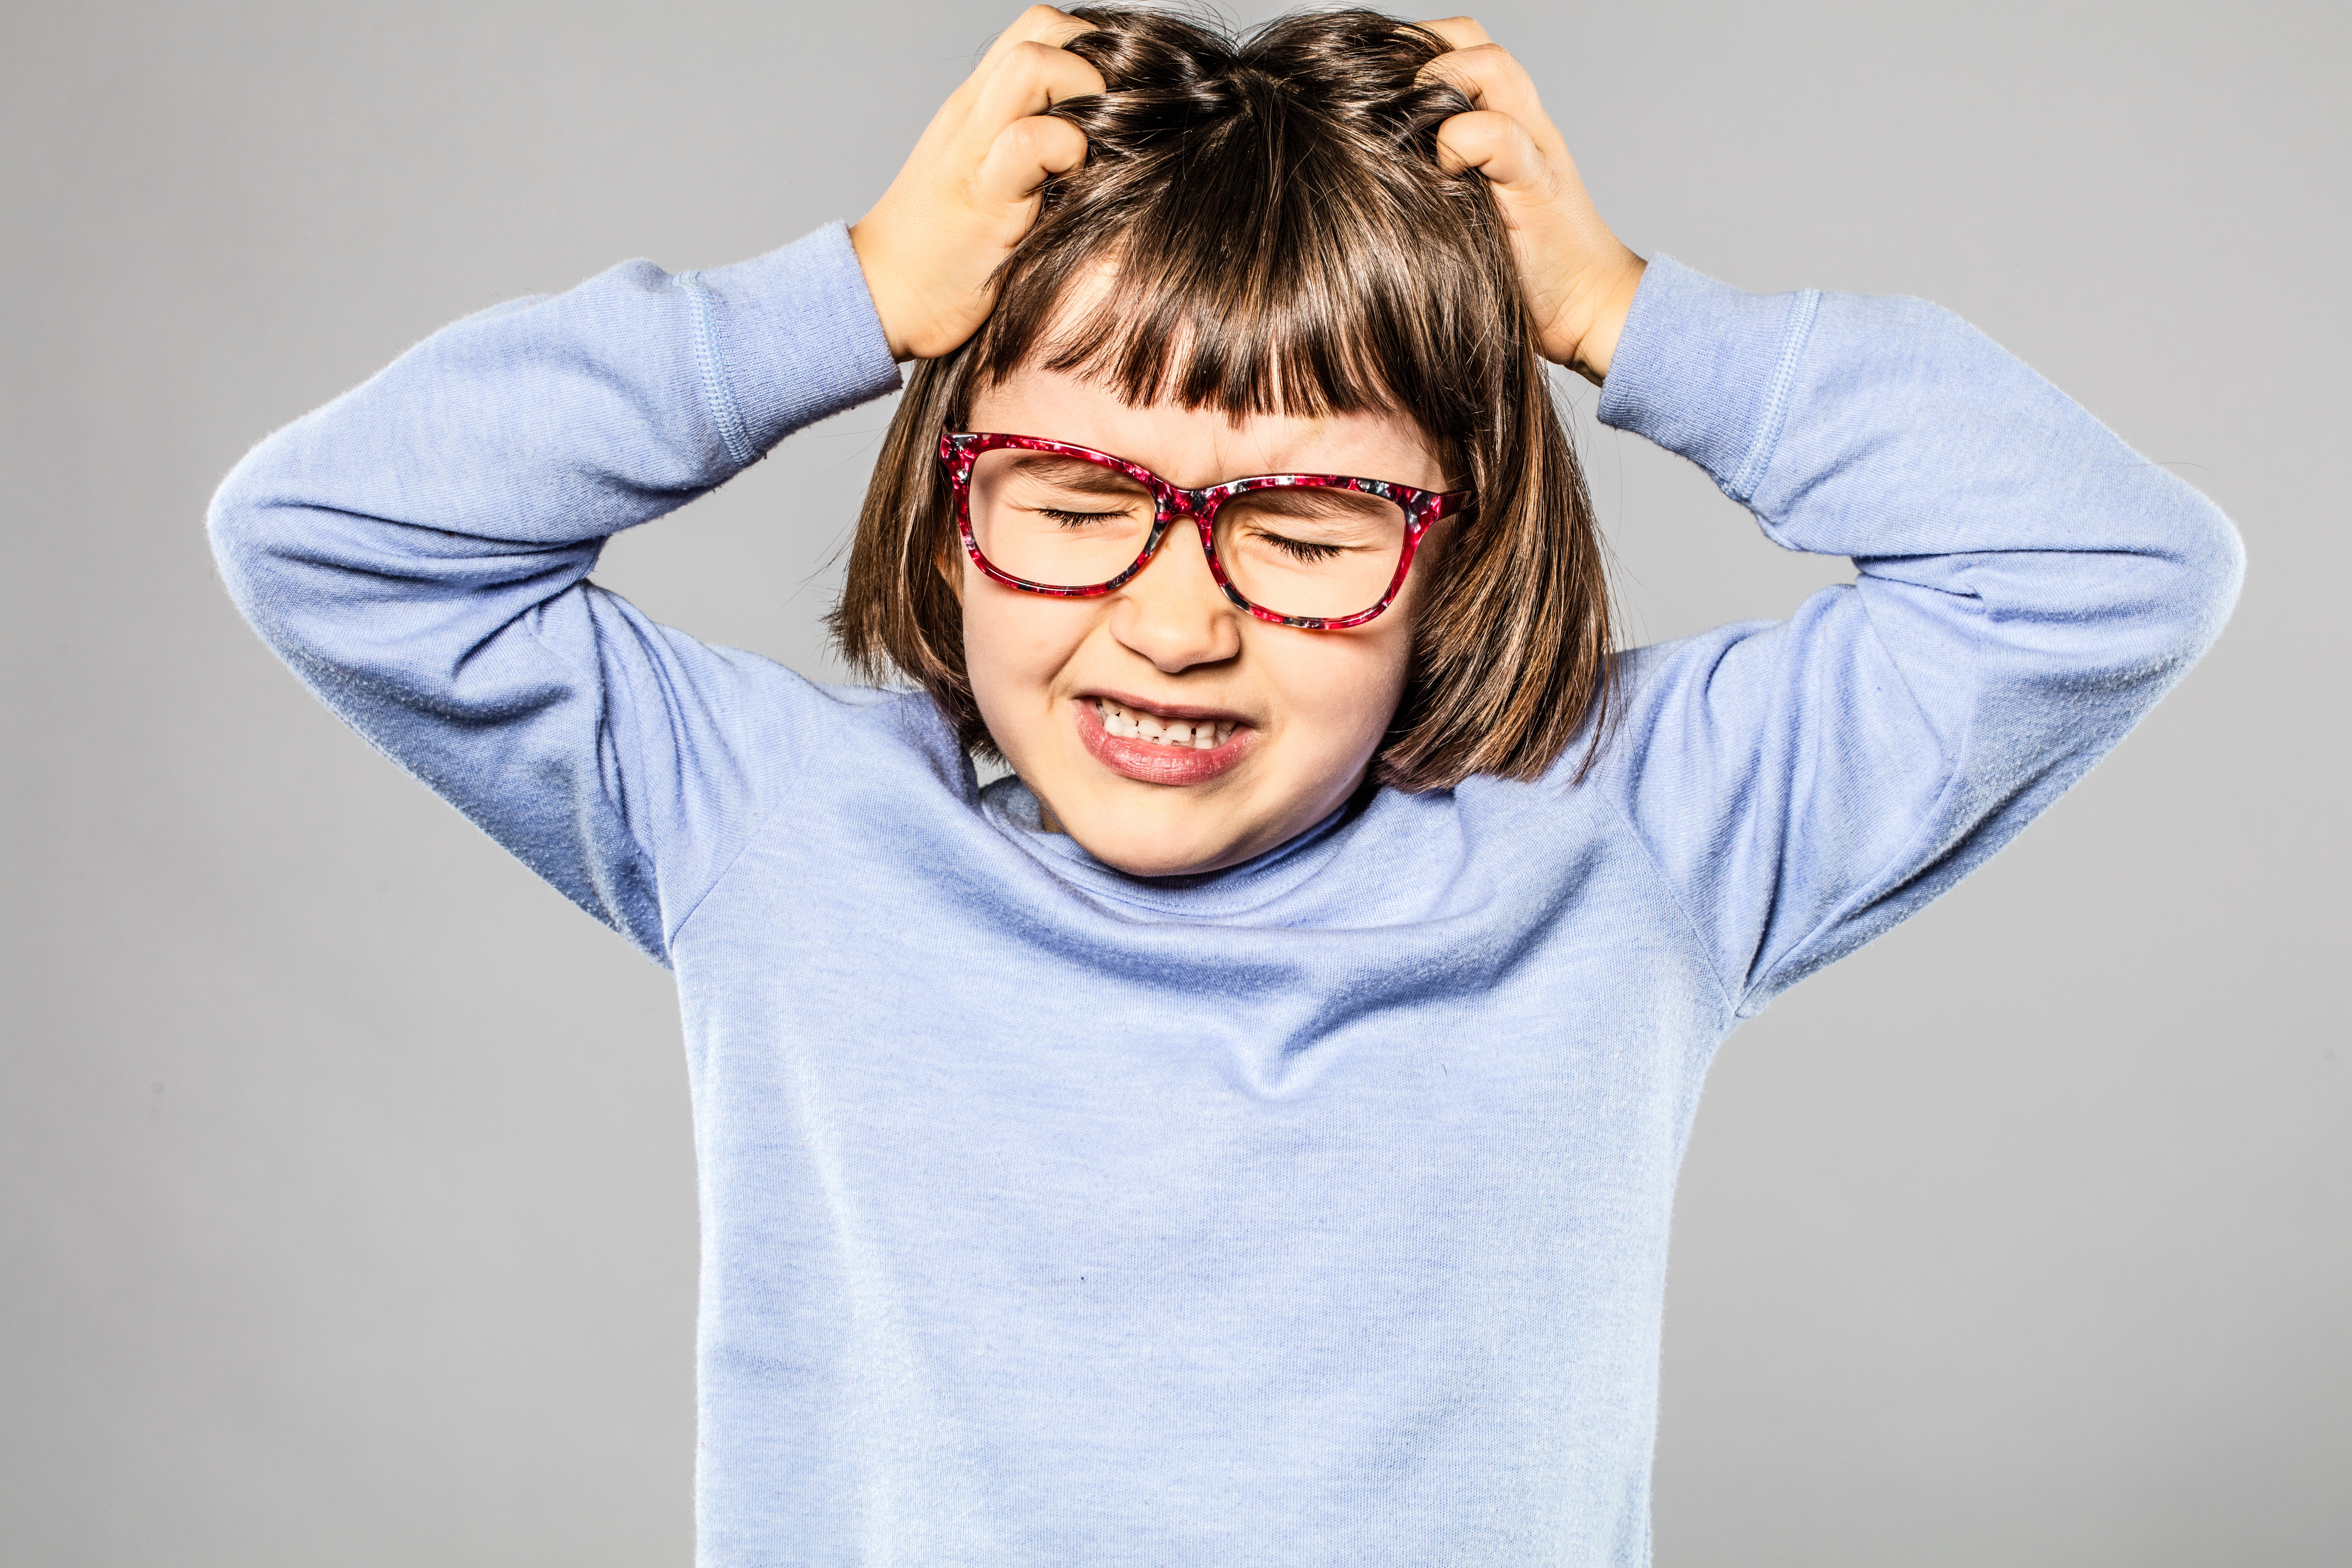 Los piojos no saltan ni vuelan y suelen preferir el pelo limpio.